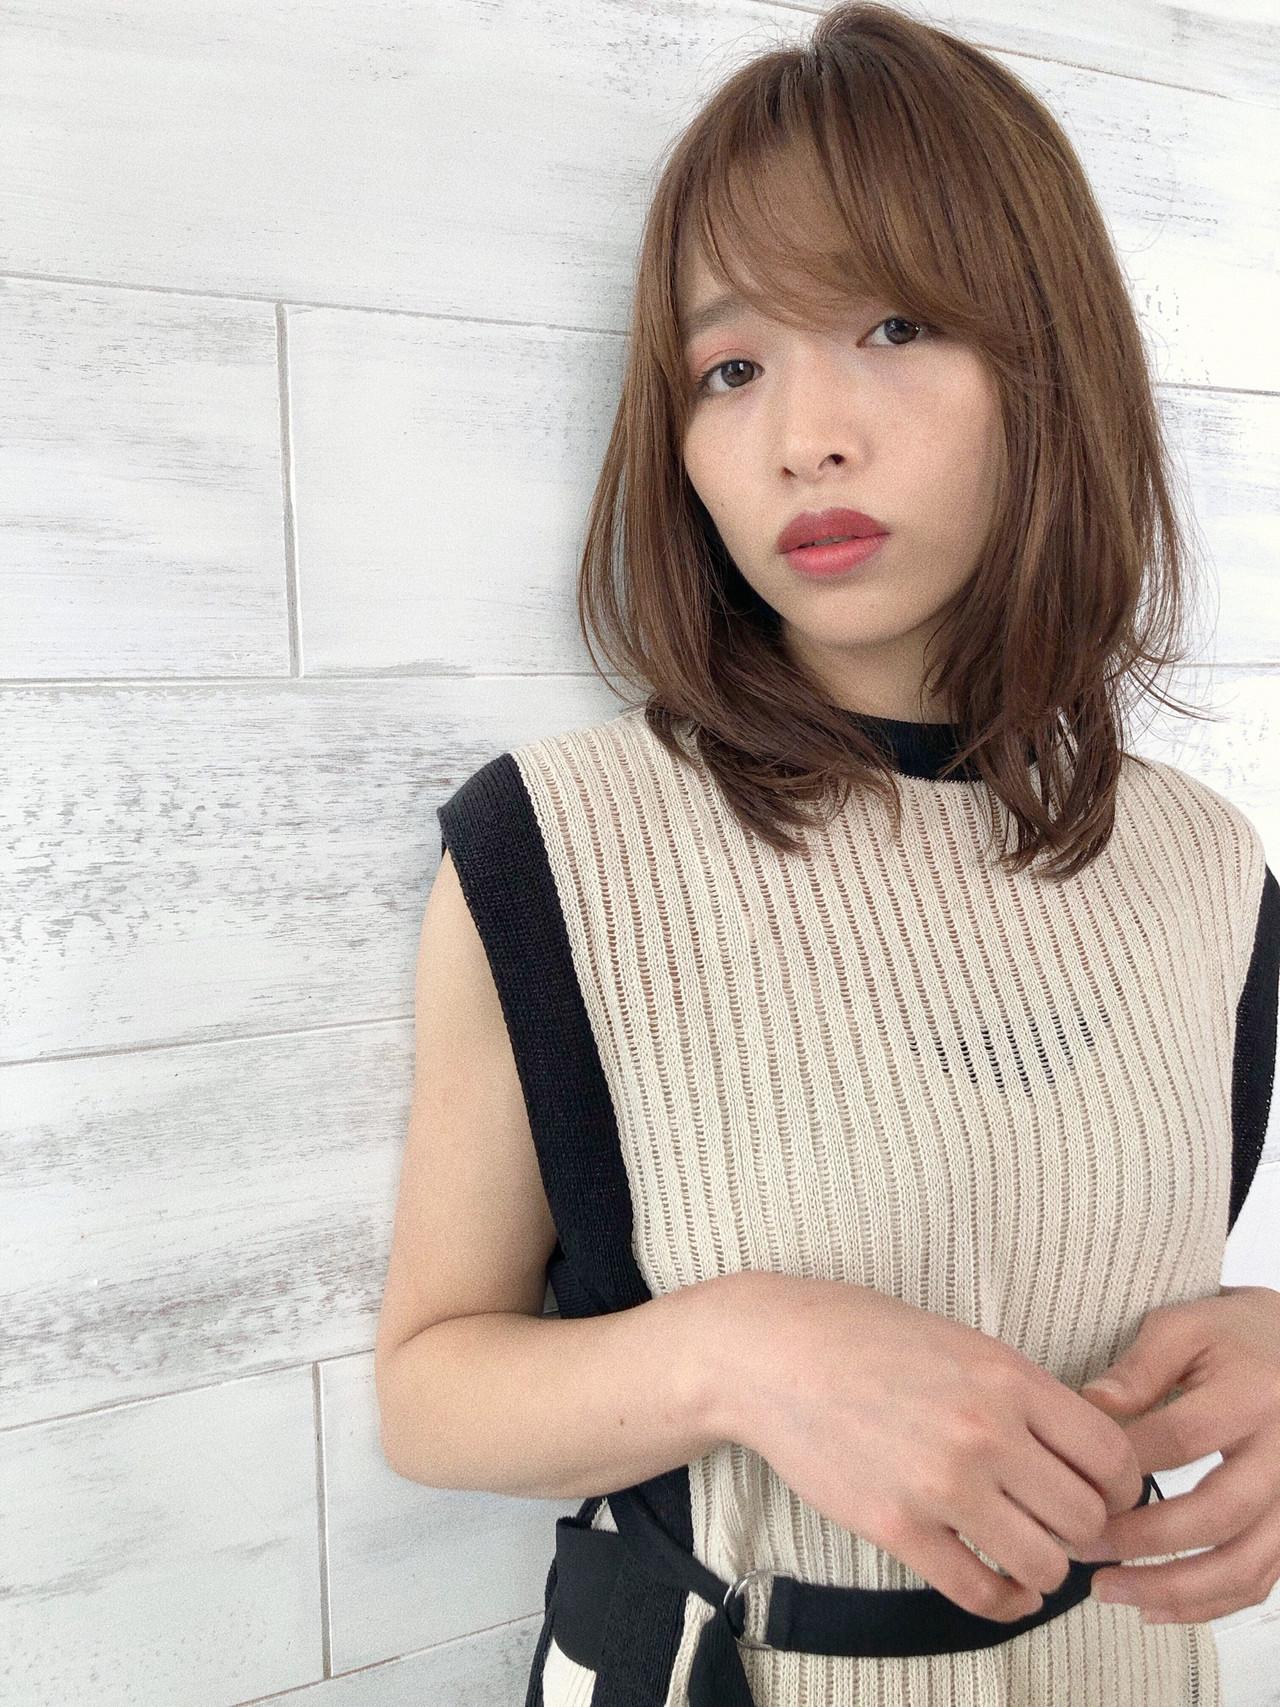 ミディアム アンニュイほつれヘア パーマ デート ヘアスタイルや髪型の写真・画像